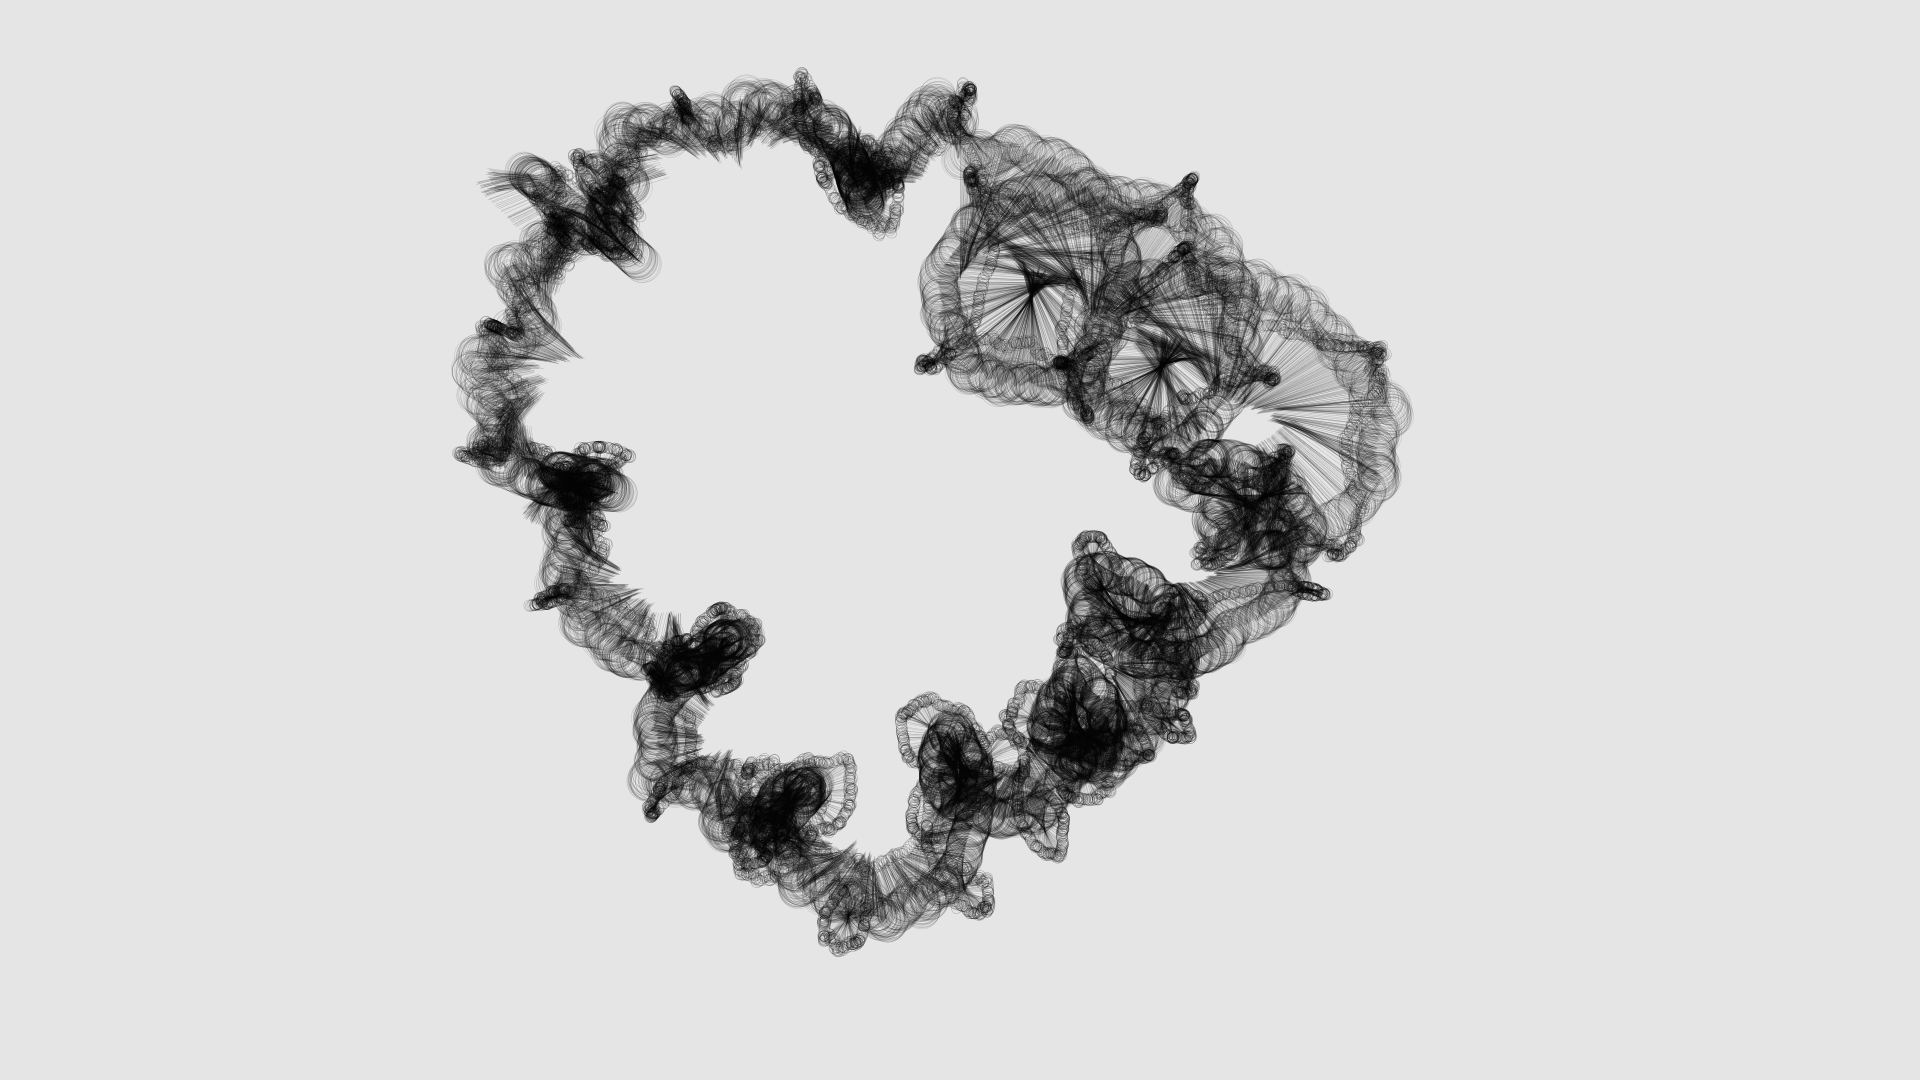 orrery-showlines-showcircles-moonlet_retrograde-M5E11-F12650-1150-230-O387.83713-31.674875-31.33521-D73.0-37.0-11.0.png